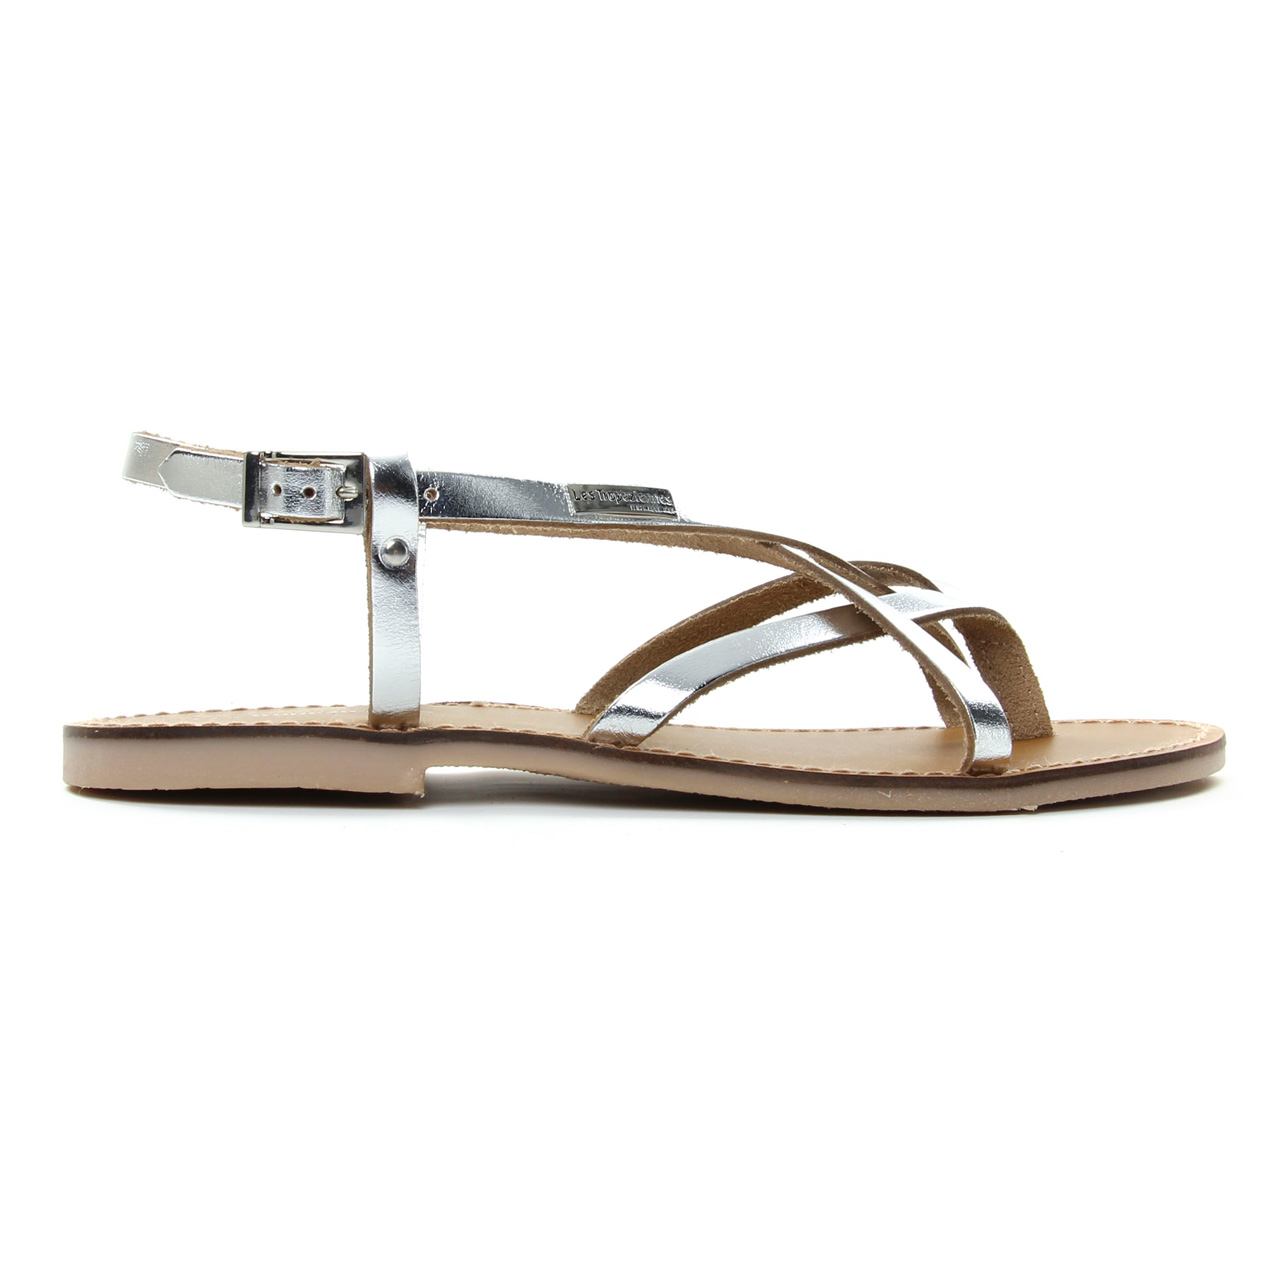 4655a950135f sandales gris argent mode femme printemps été vue 2